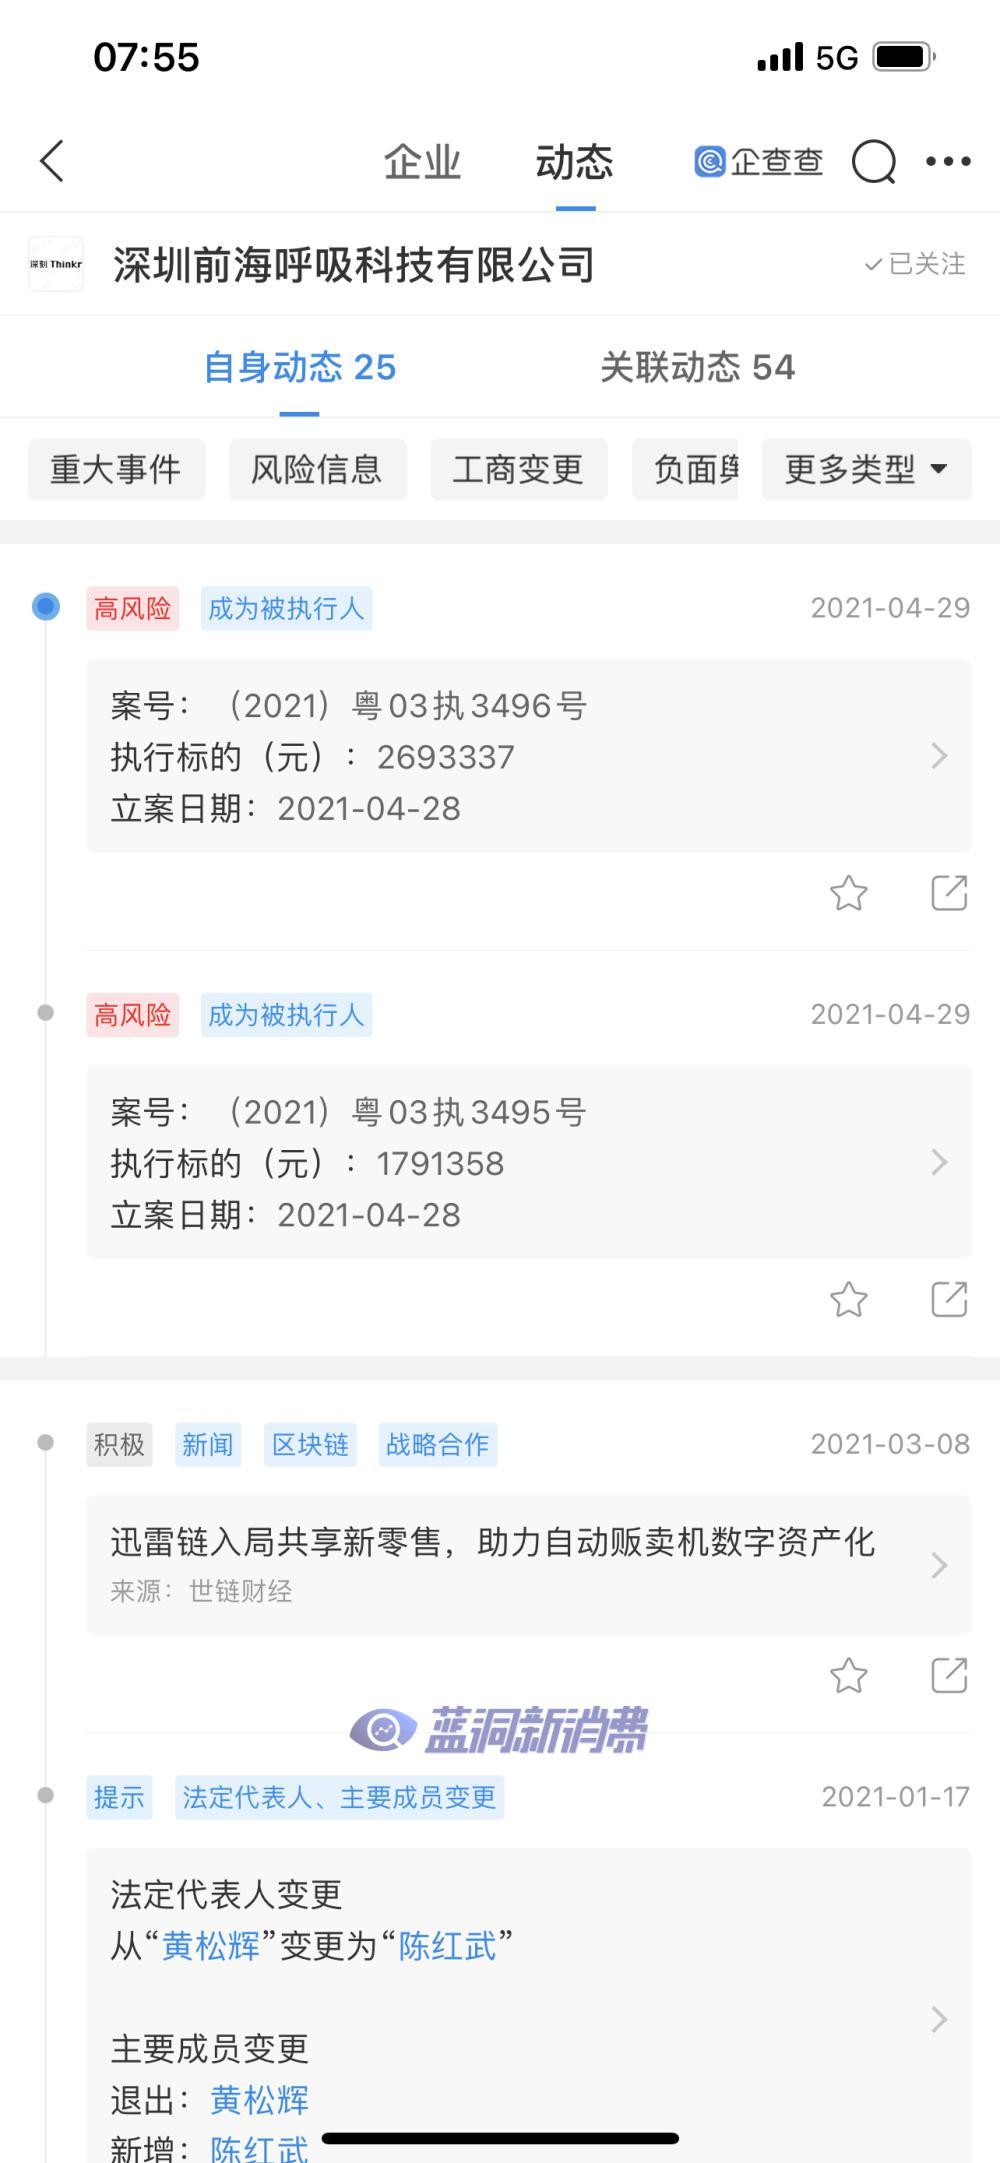 深刻电子烟成为被执行人:涉资近450万元,汪涵曾代言